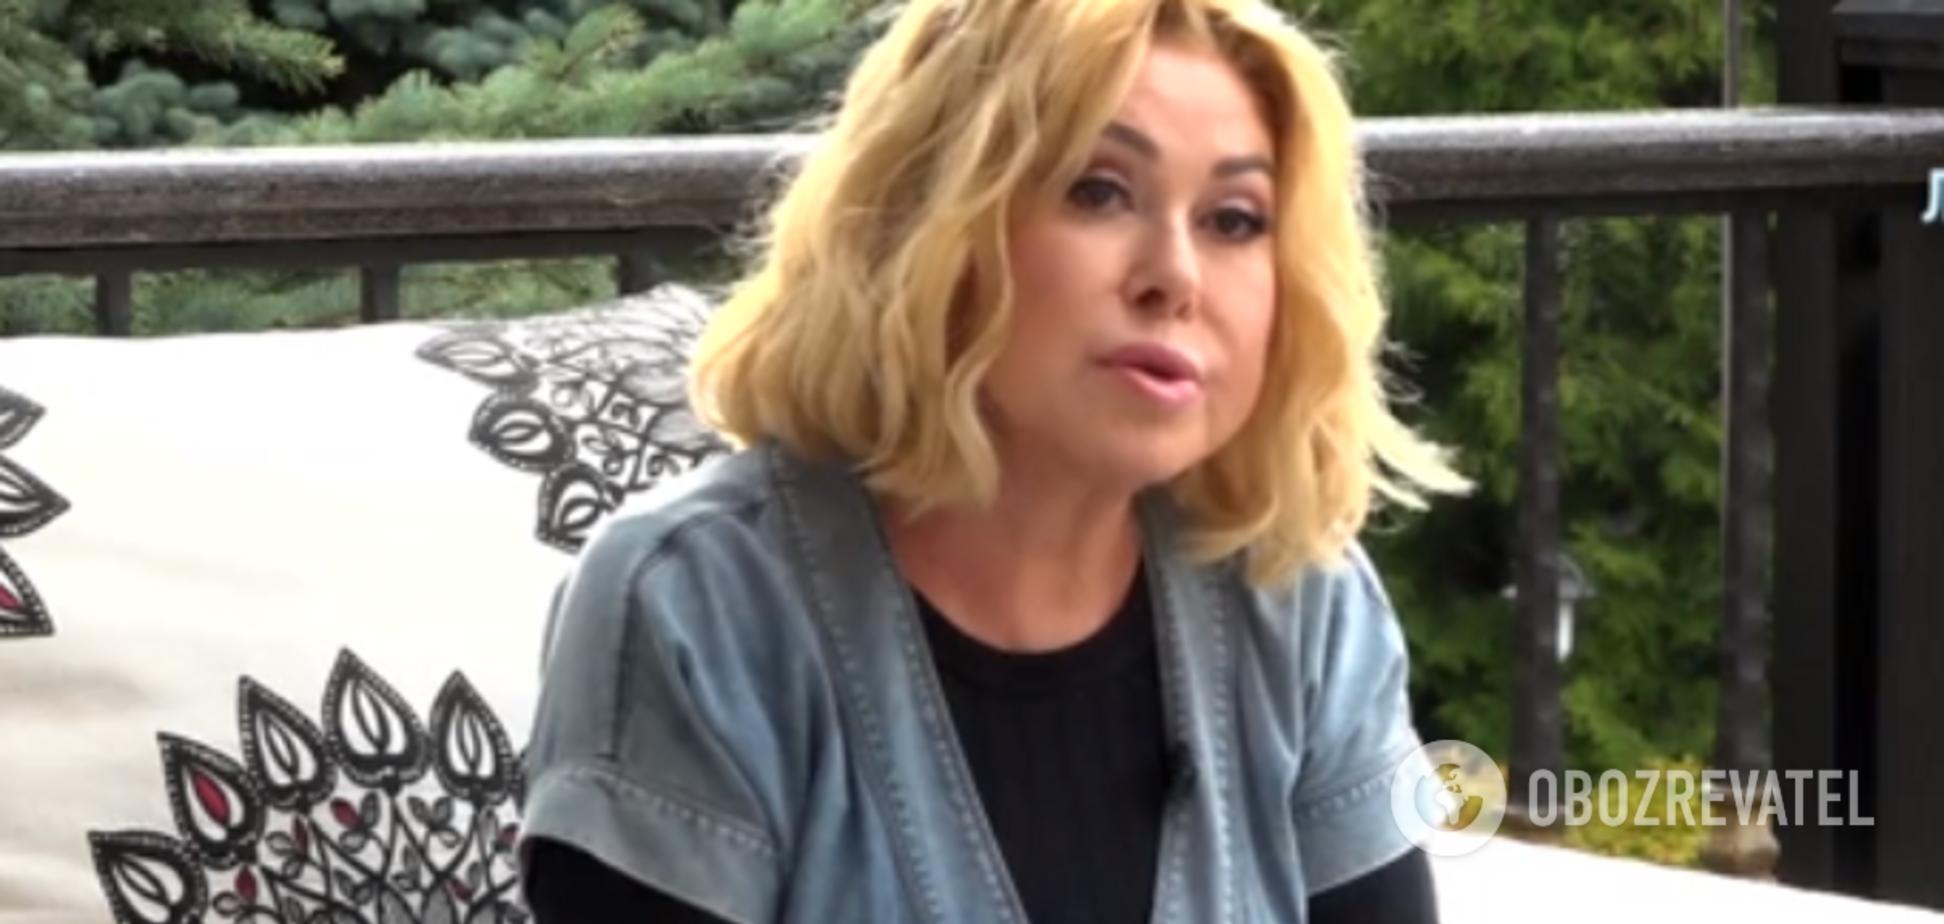 Успенская рассказала о проблемах со здоровьем после скандала с дочерью